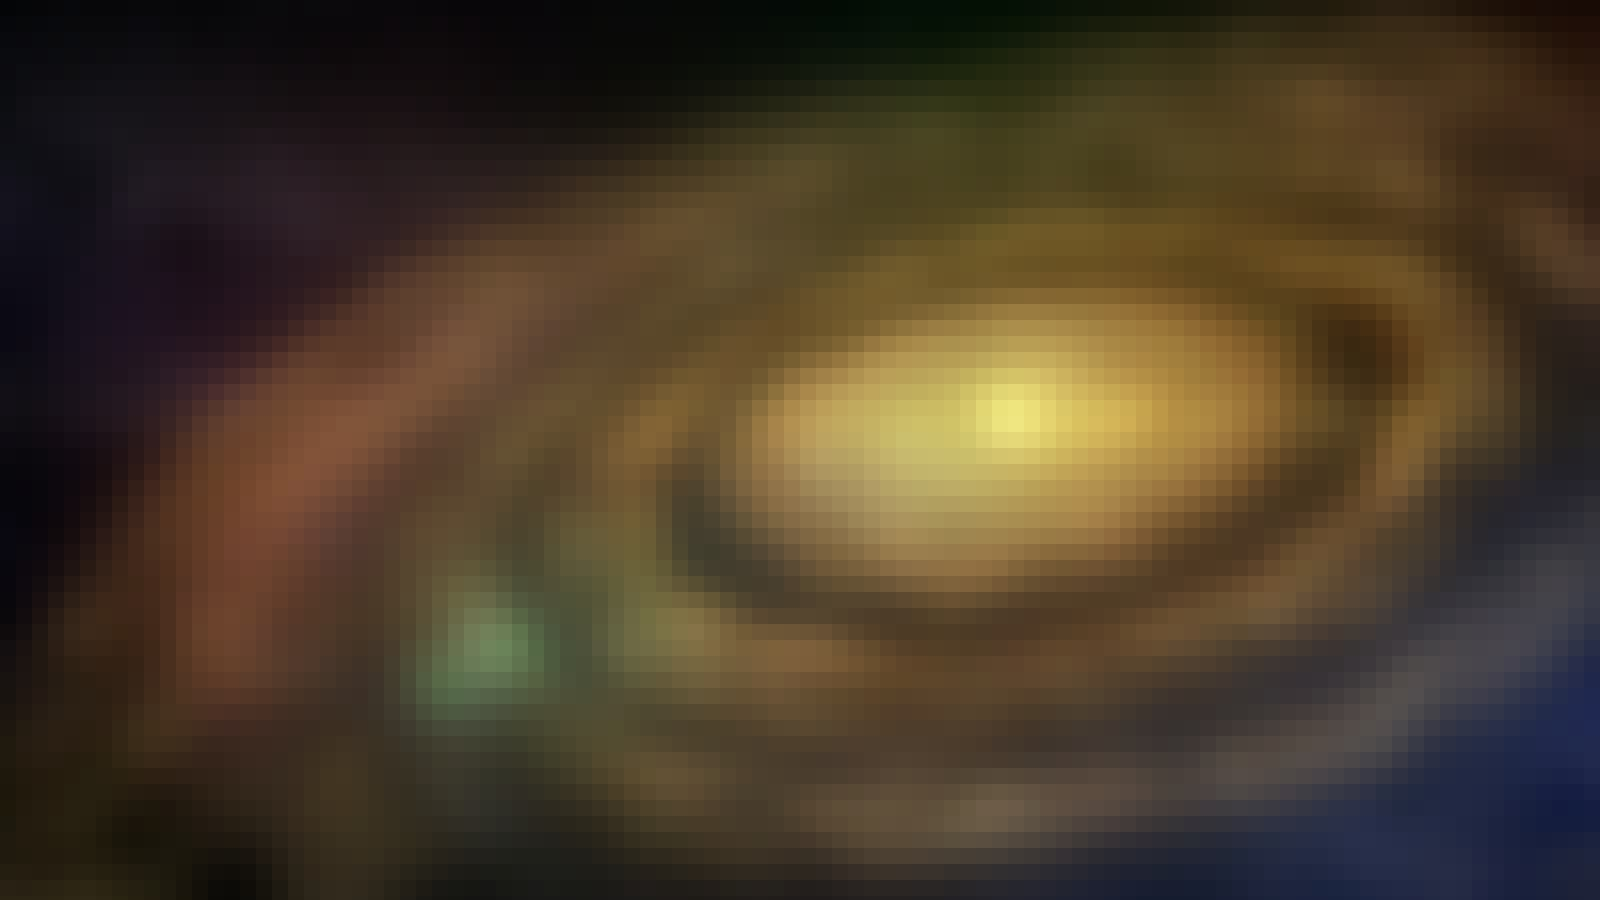 Det unge Solsystem